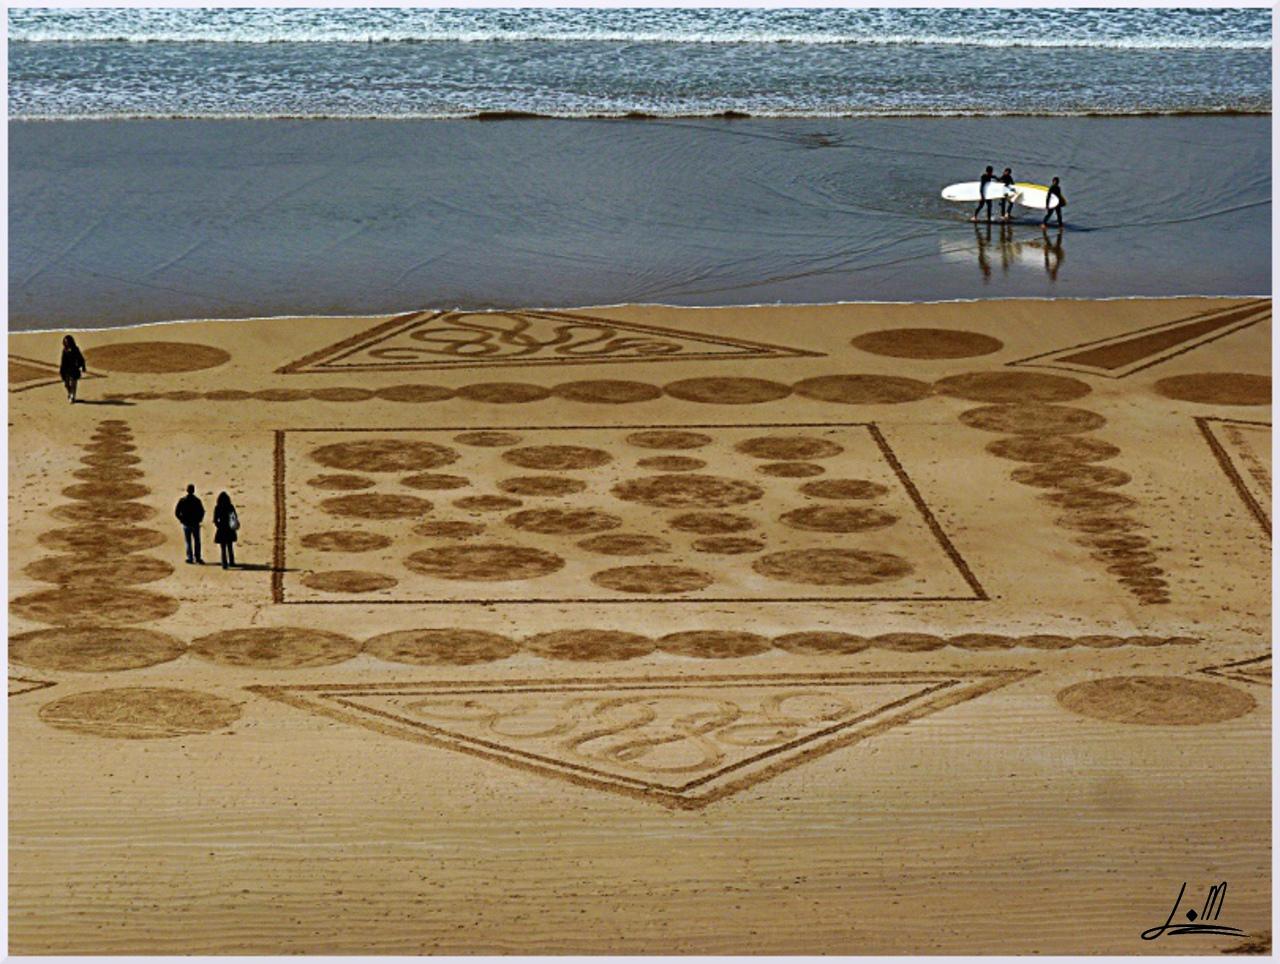 Fresque Beach art Embruns, Michel Jobard